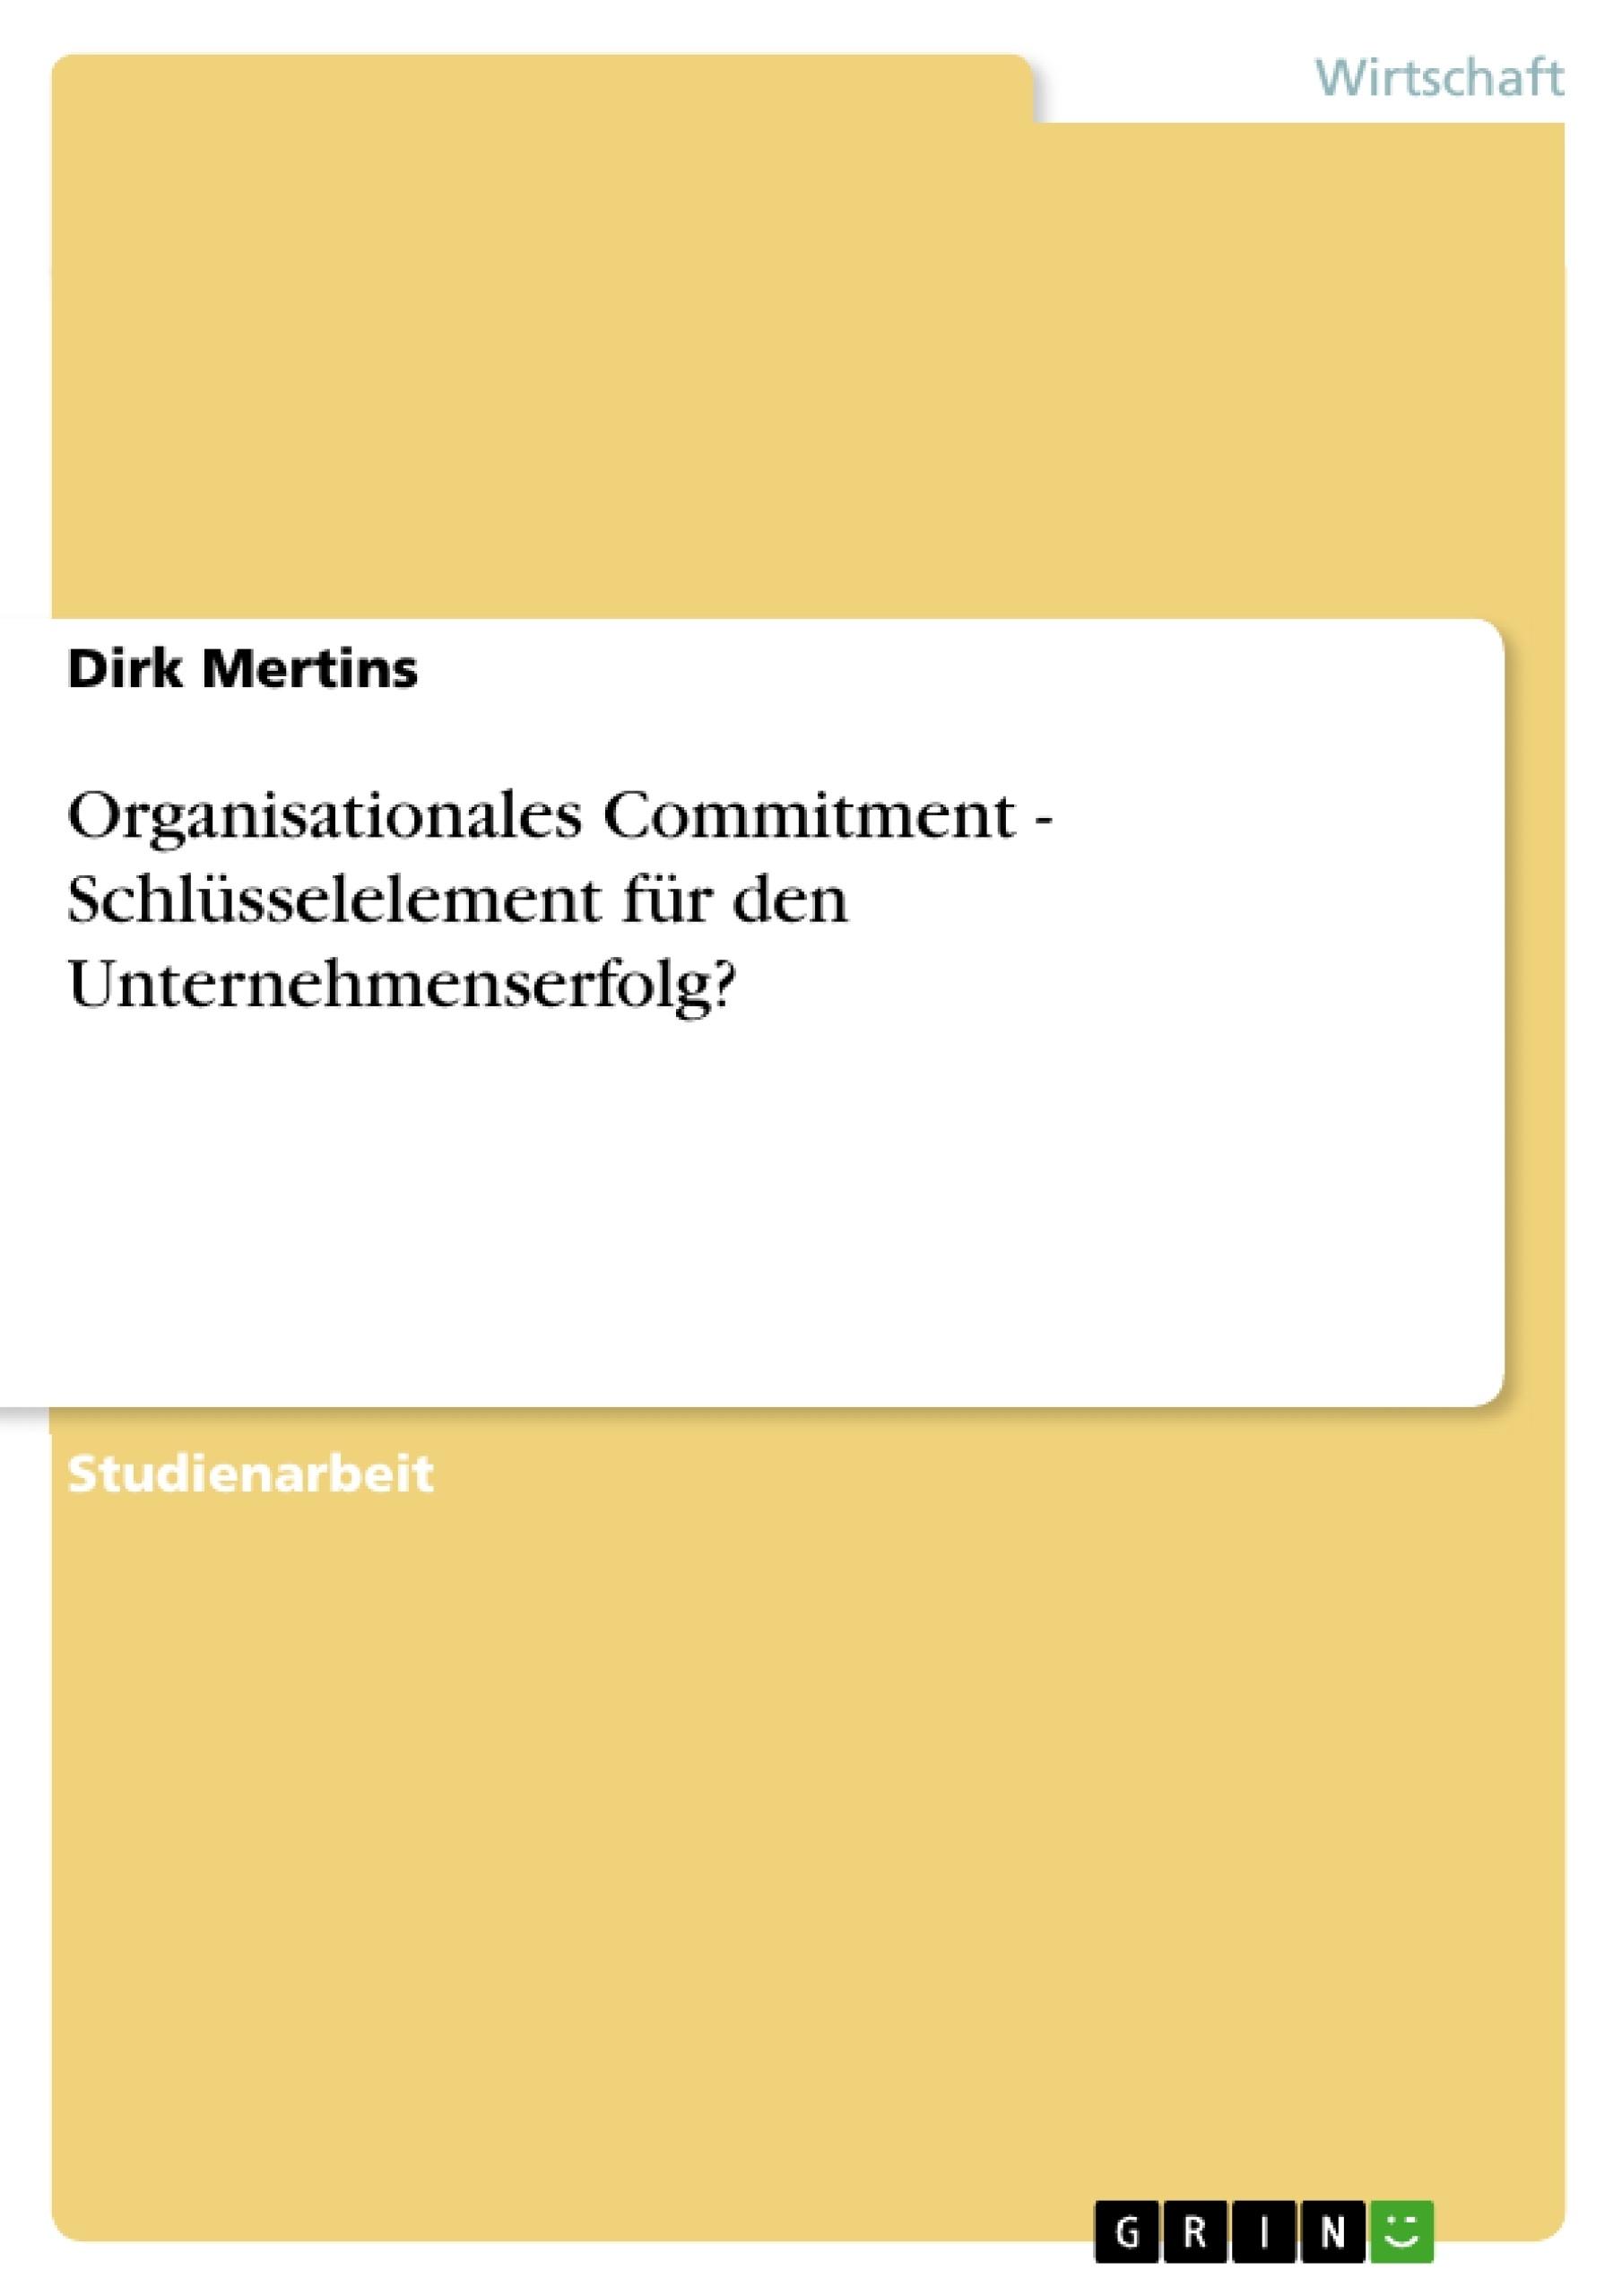 Titel: Organisationales Commitment - Schlüsselelement für den Unternehmenserfolg?